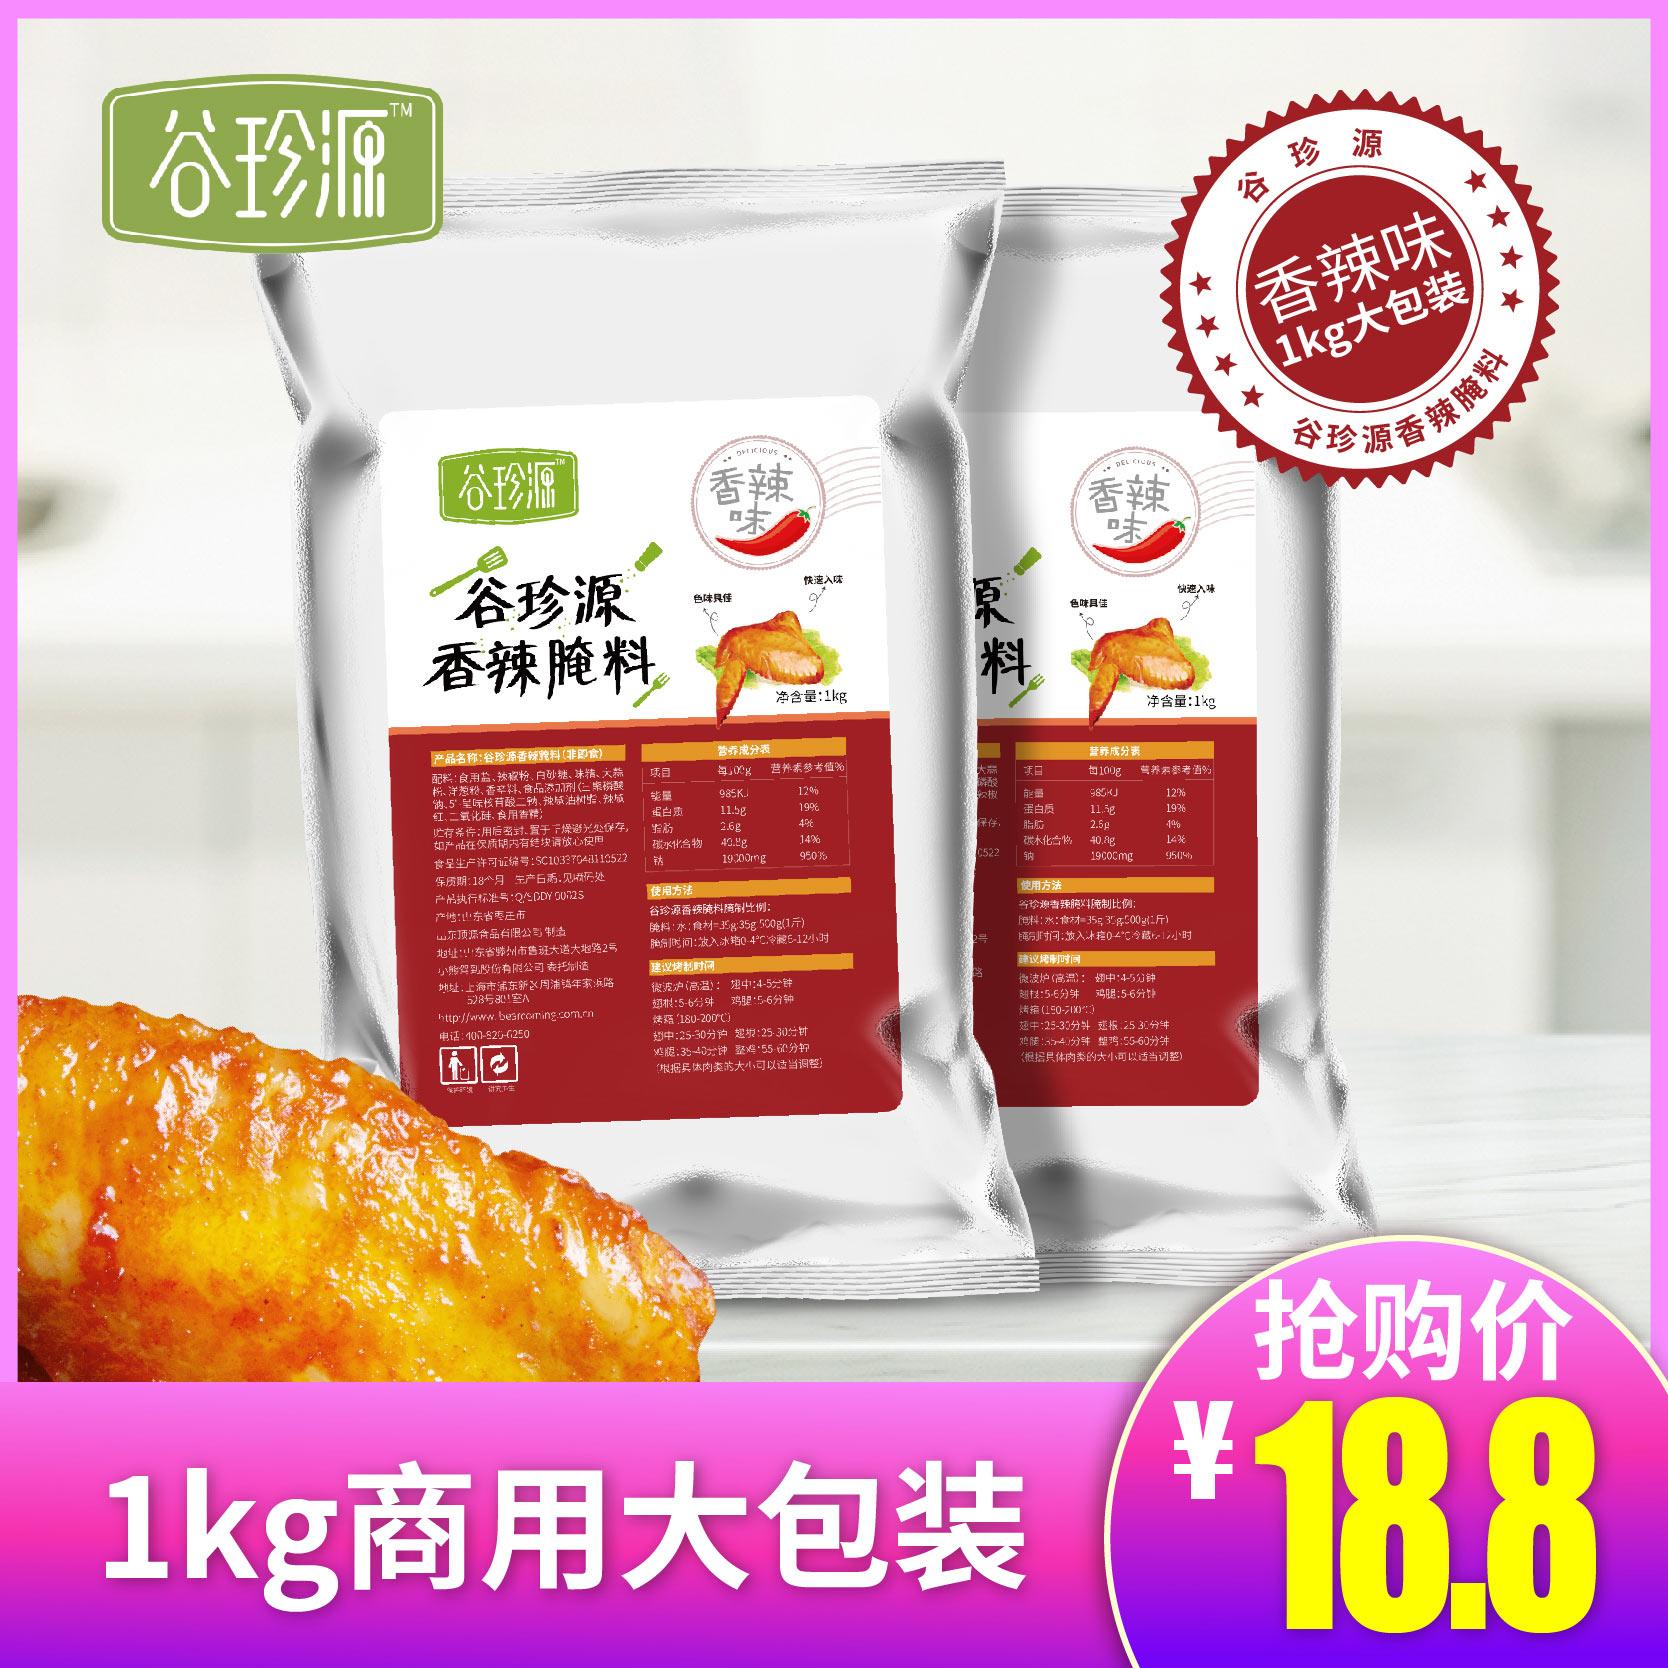 12月02日最新优惠新奥尔良烤翅1kg香辣口味kfc腌料